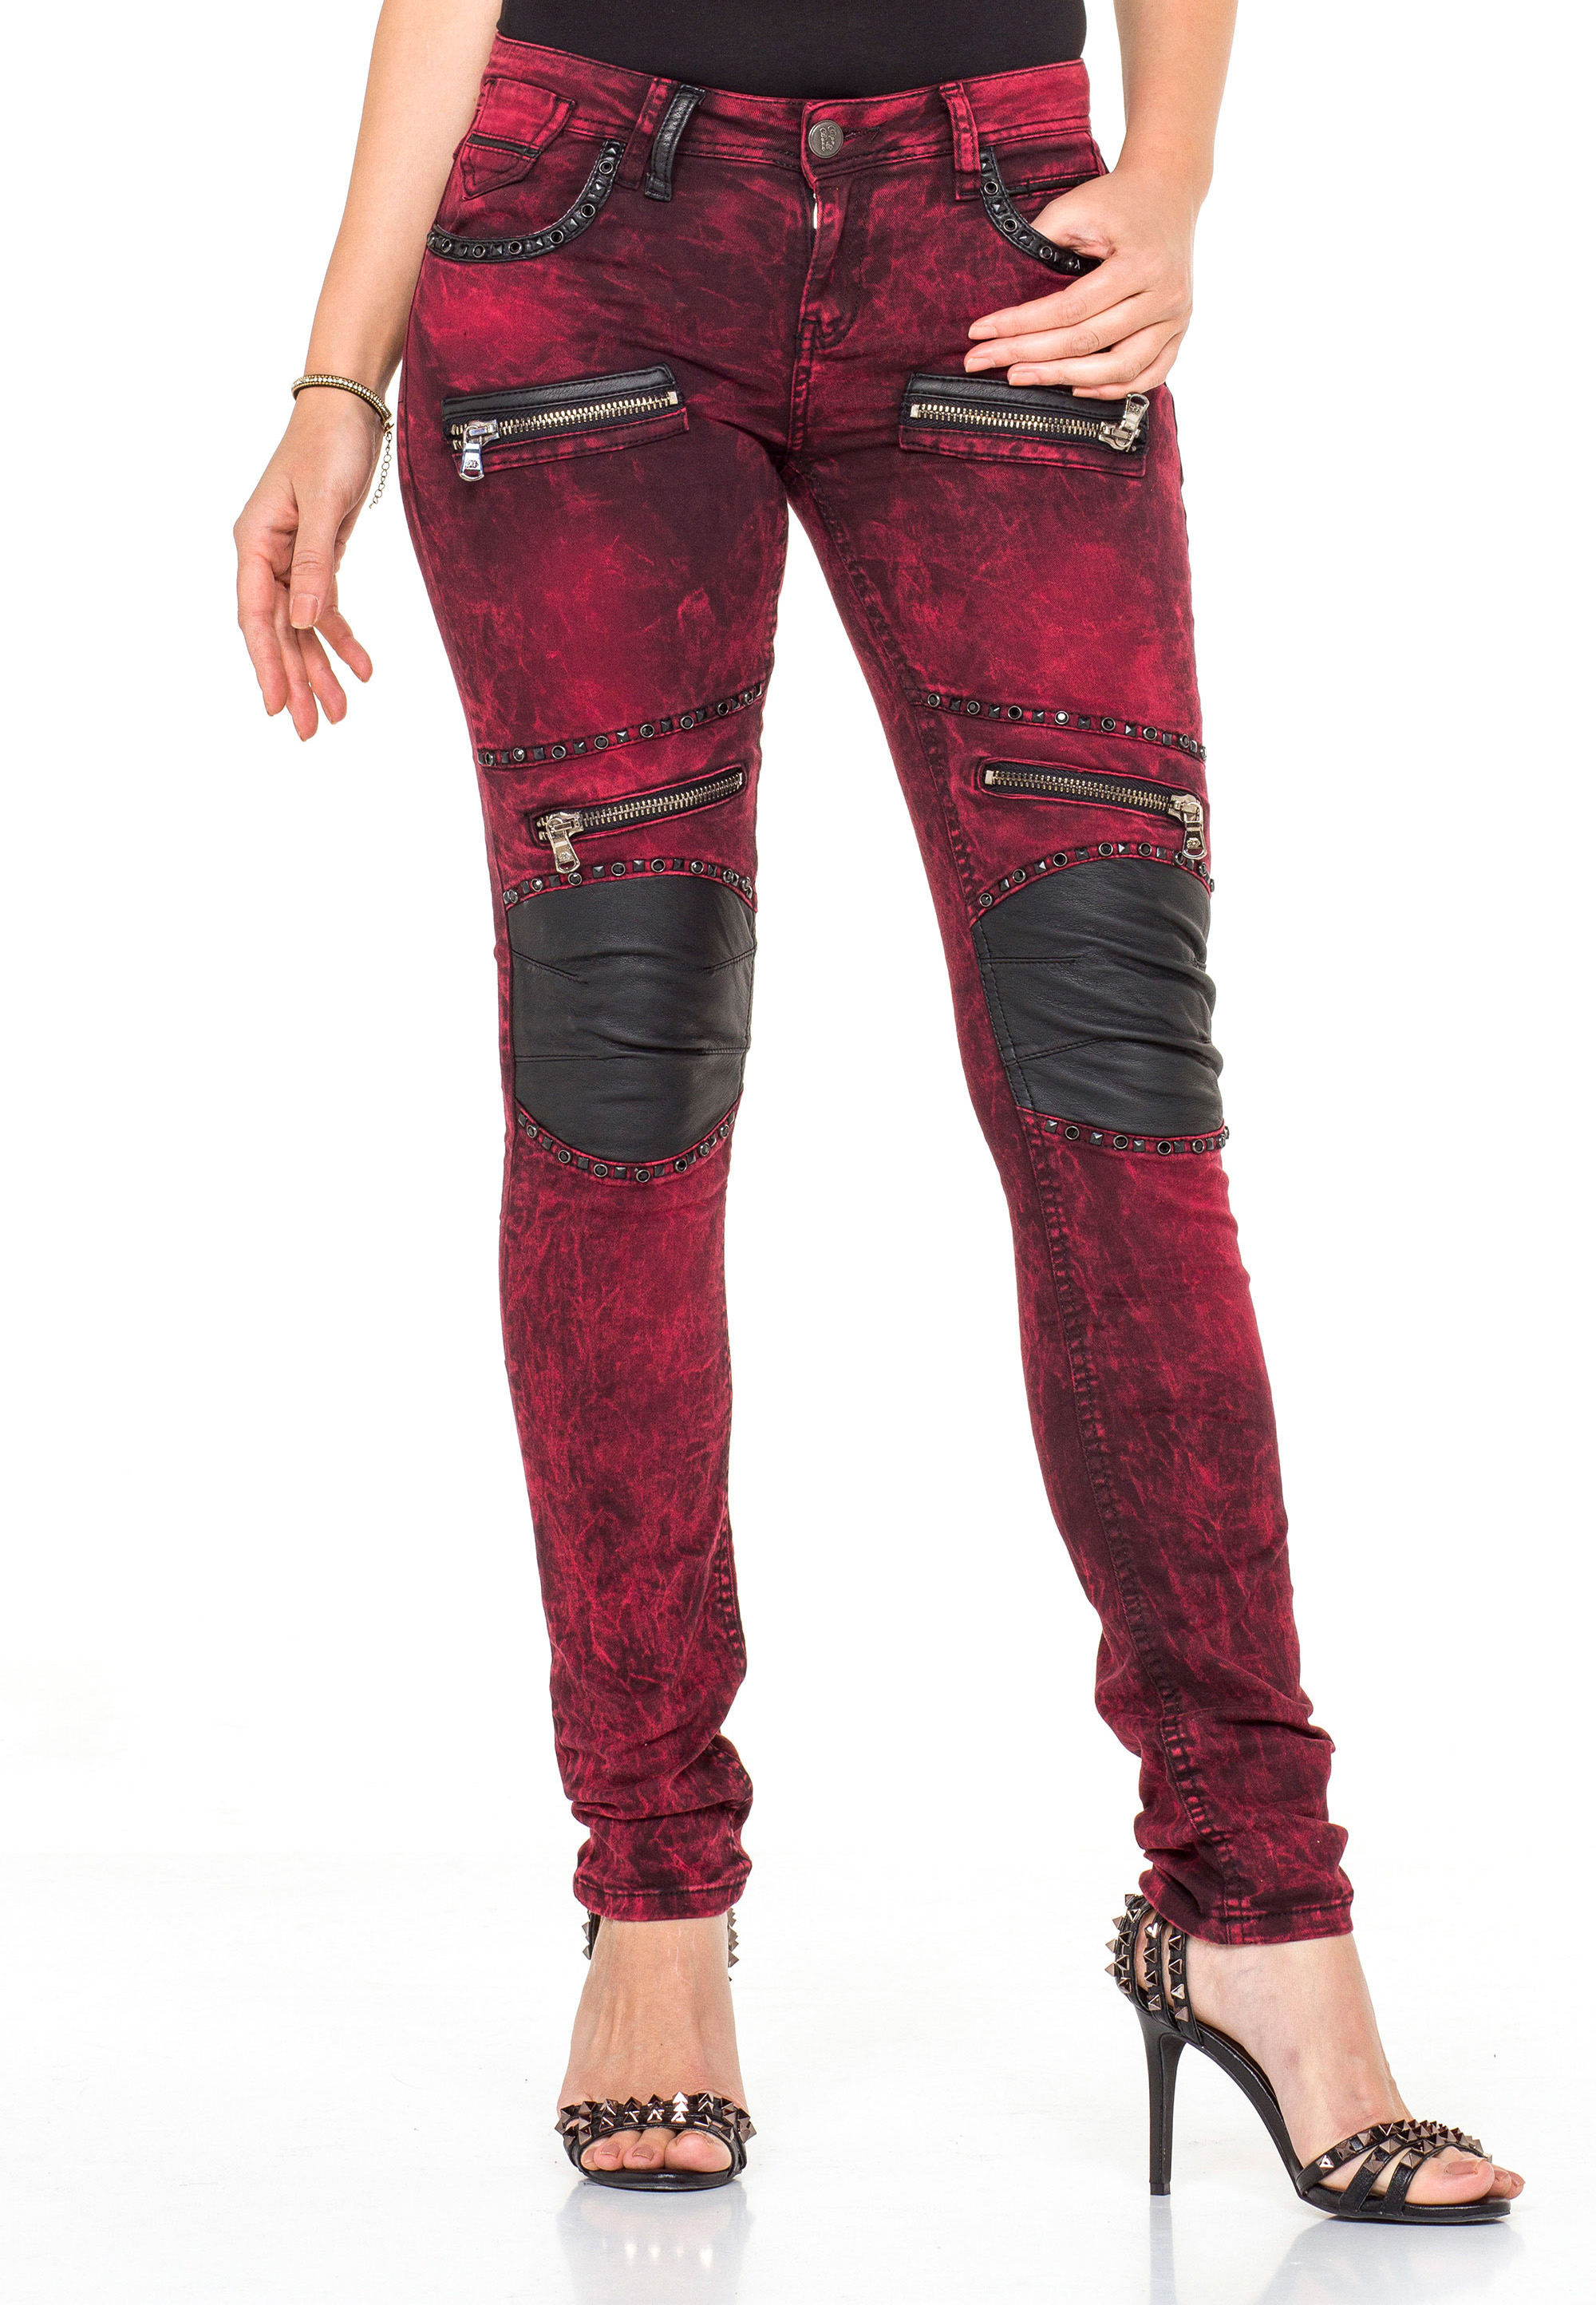 Cipo & Baxx Jeans in Burgundy günstig kaufen